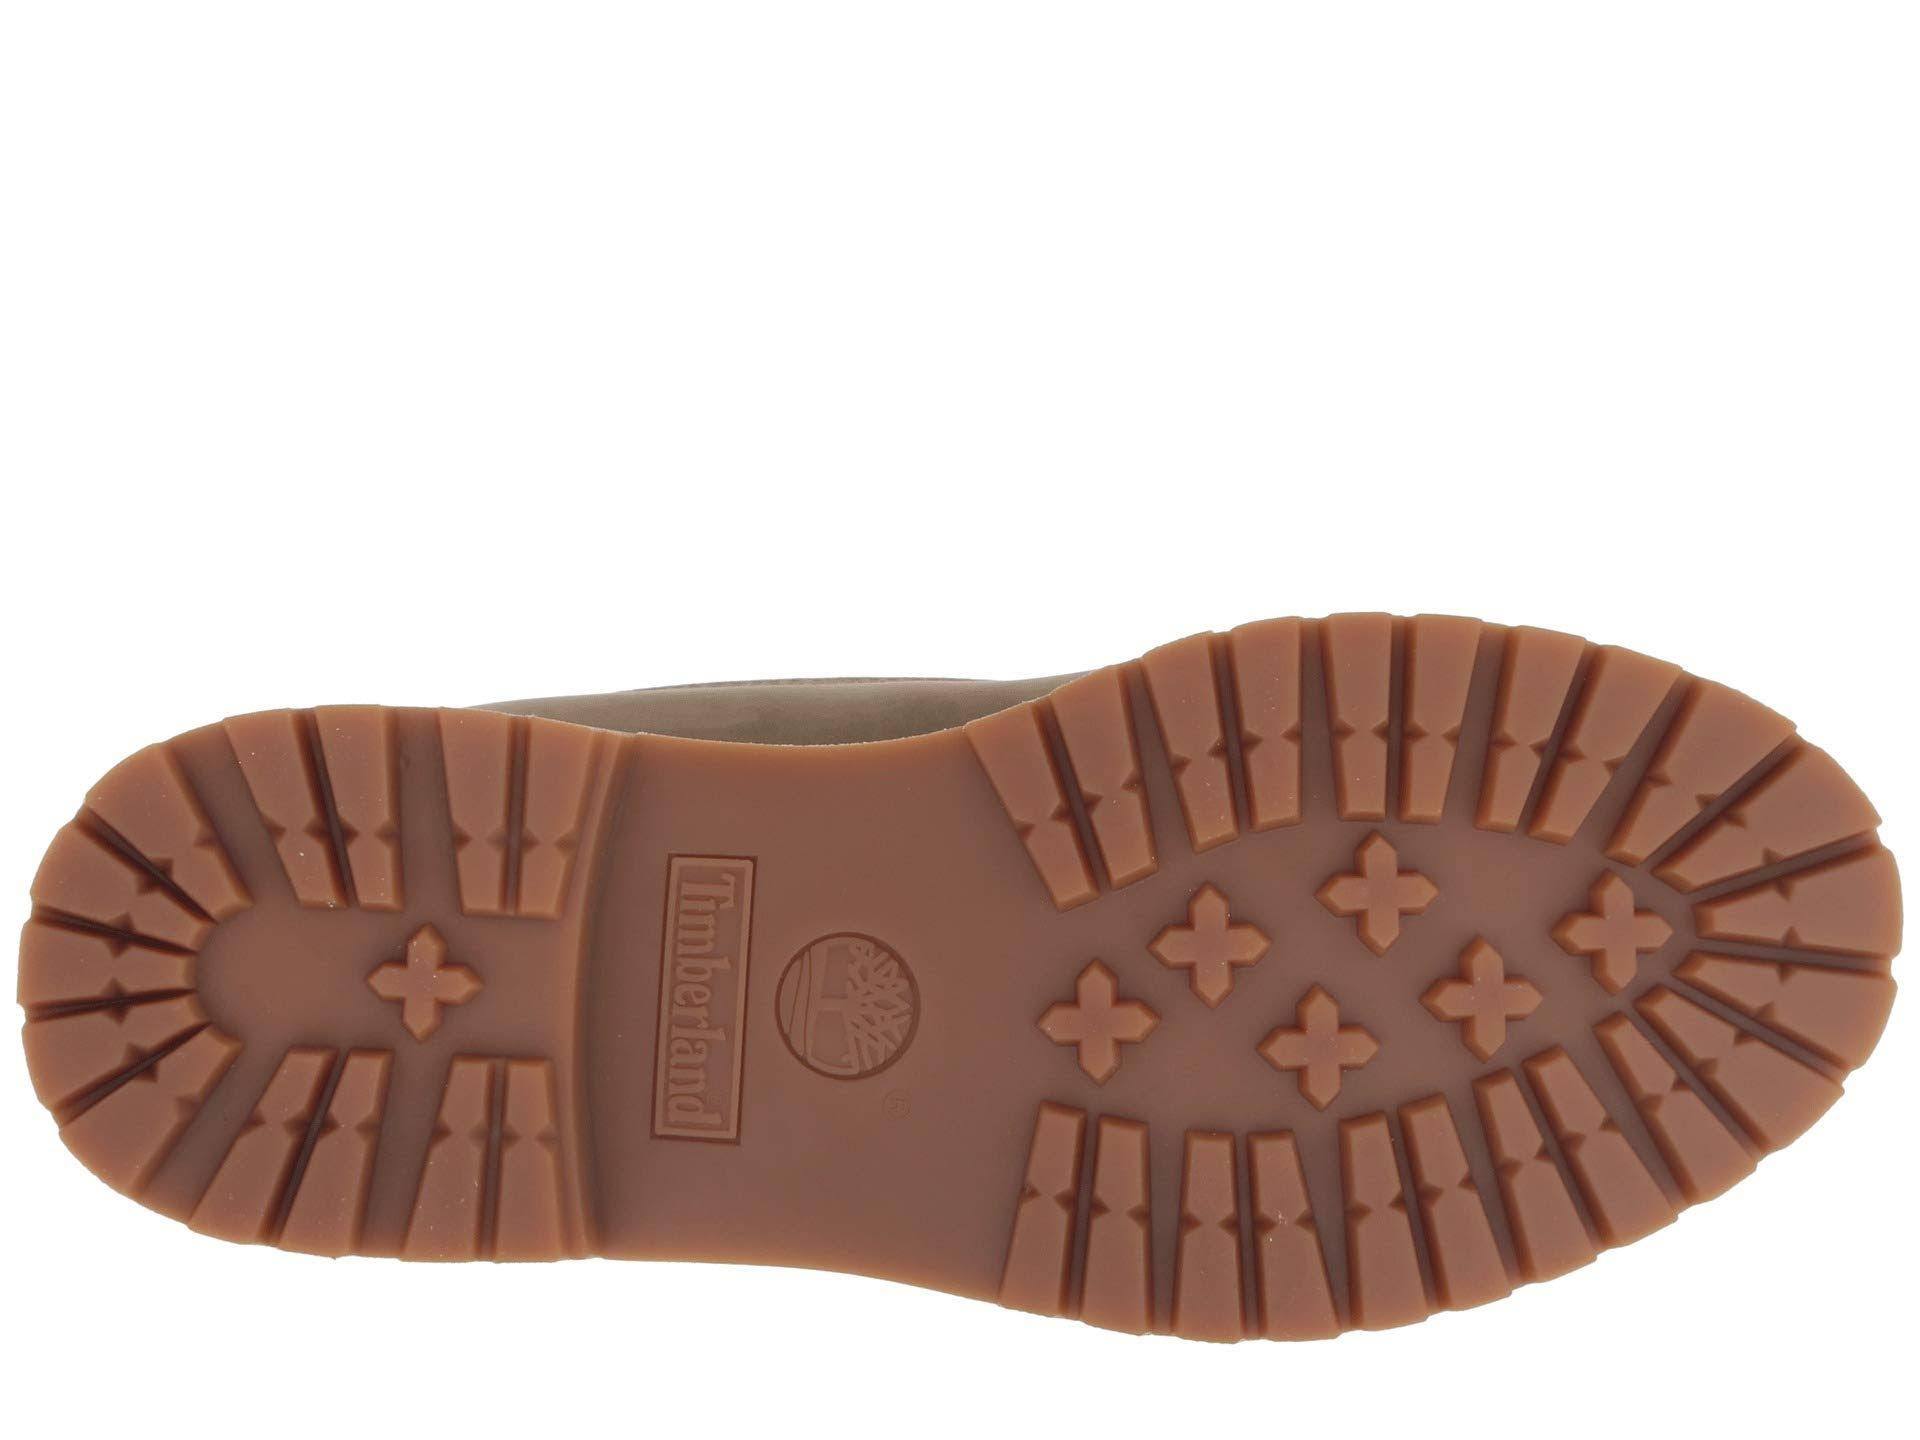 Light Waterproof Timberland Green 6 Premium Inch Boot Women's I08wqZAxA